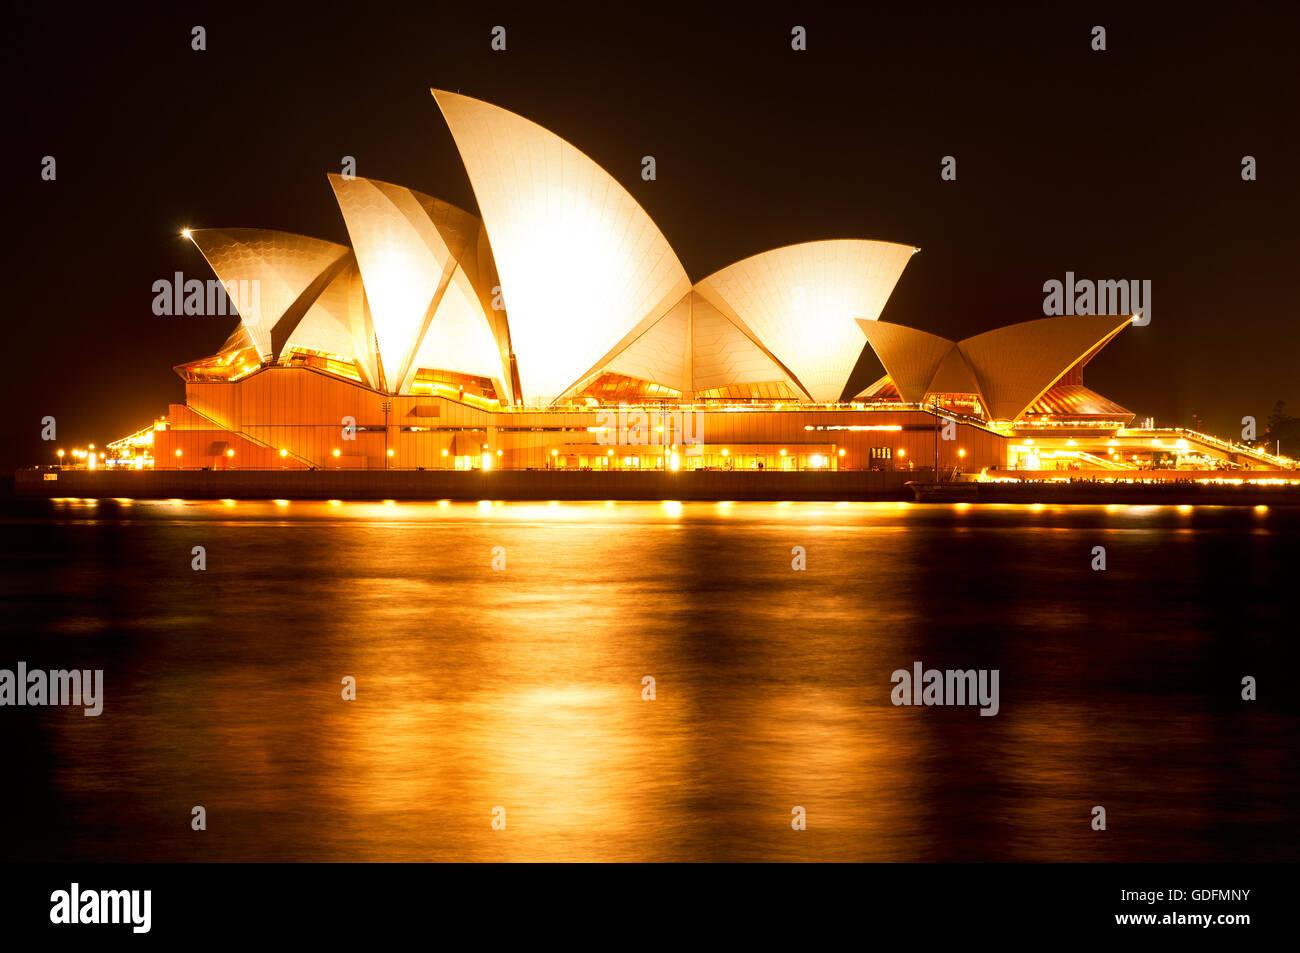 Encendida en el Sydney Opera House se refleja en las aguas del puerto. Foto de stock